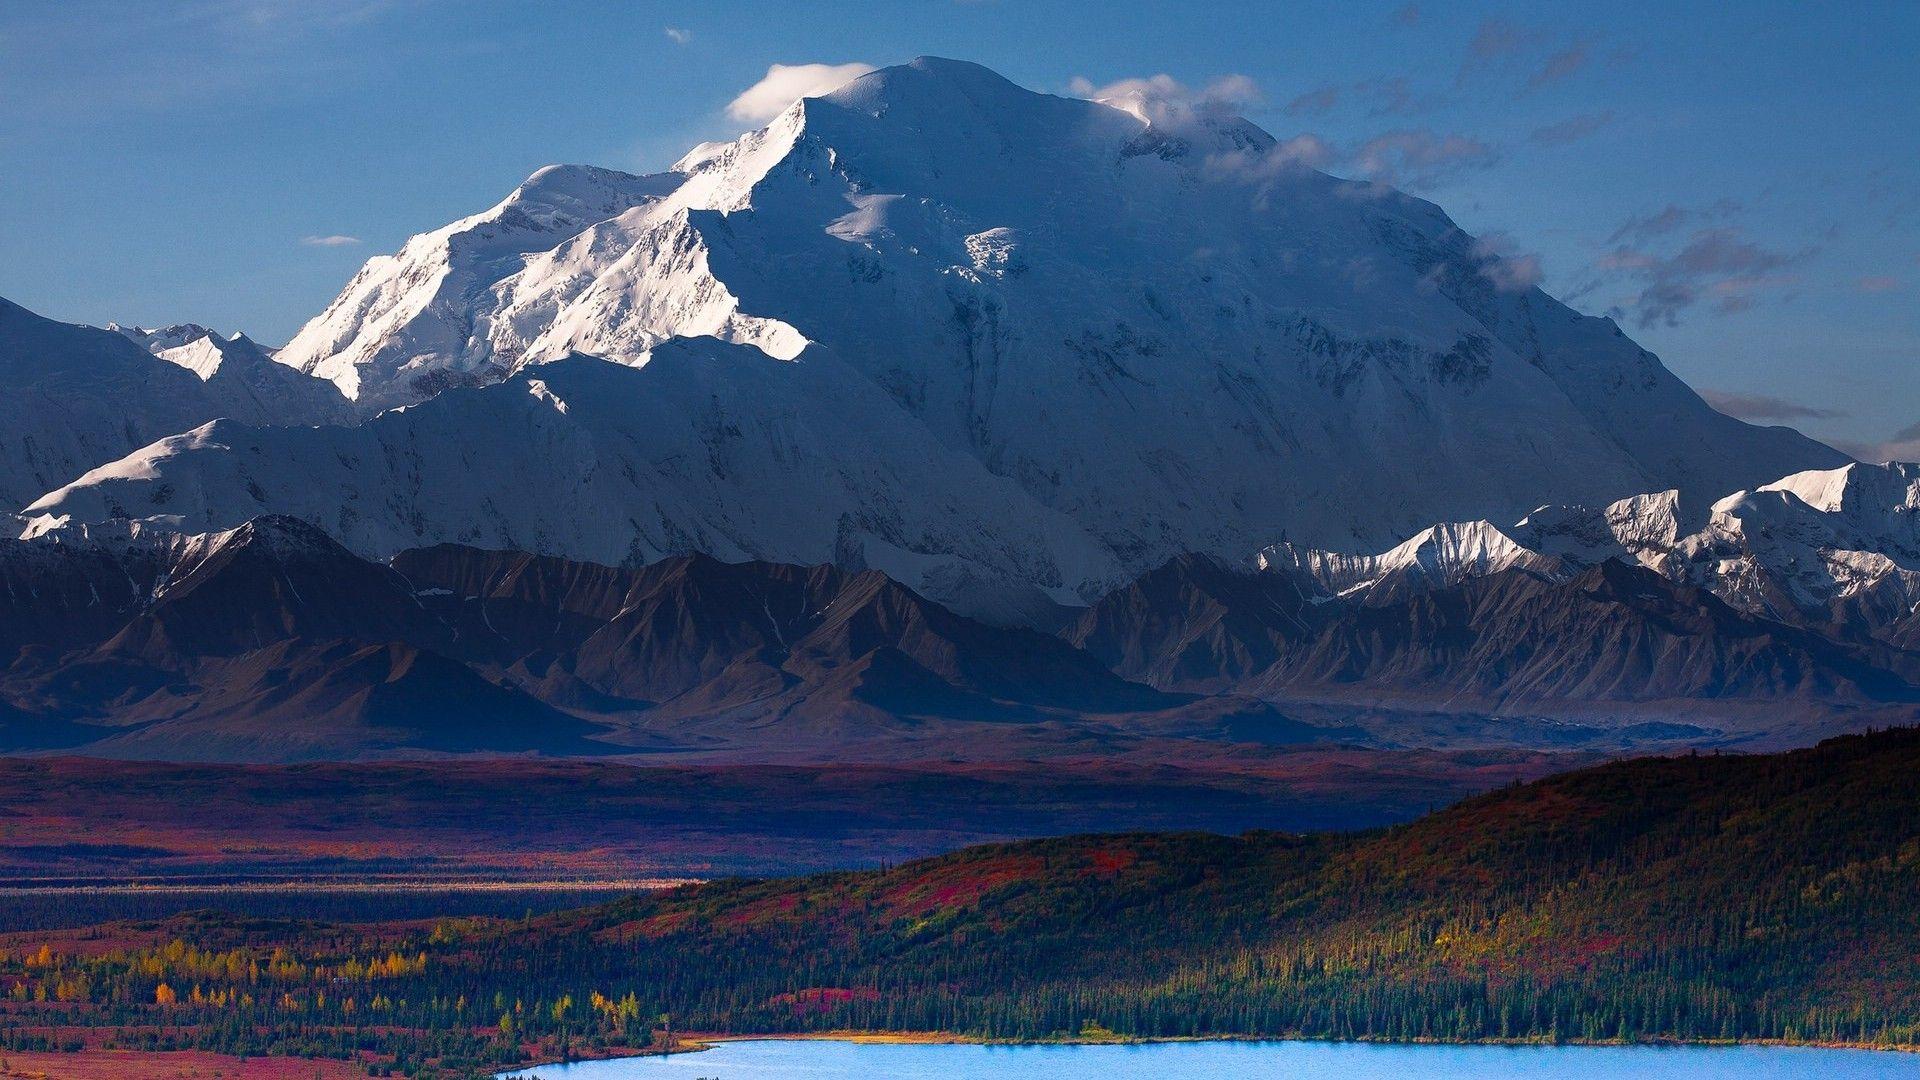 Most Inspiring Wallpaper High Quality Mountain - 8d1df155e31176d0b073efc85e35feca  HD_94747.jpg